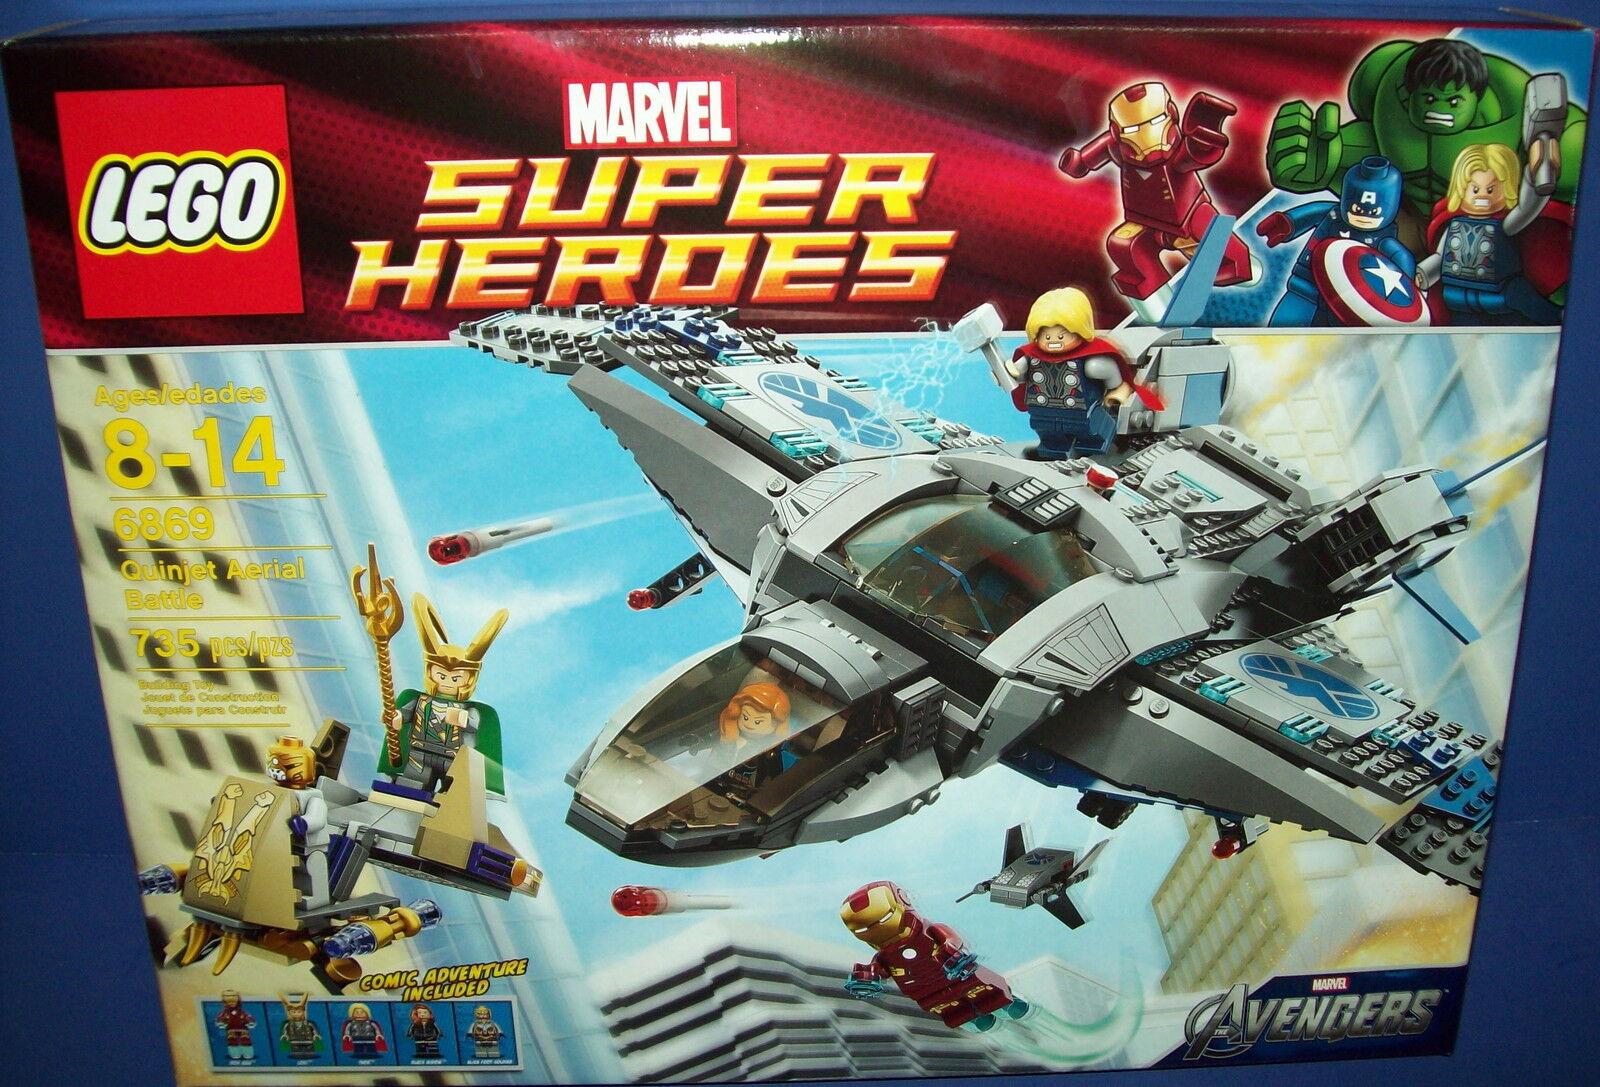 LEGO 6869  Super Heroes Marvel Avenger's QUINJET AERIAL BATTLE NISB new retirosso